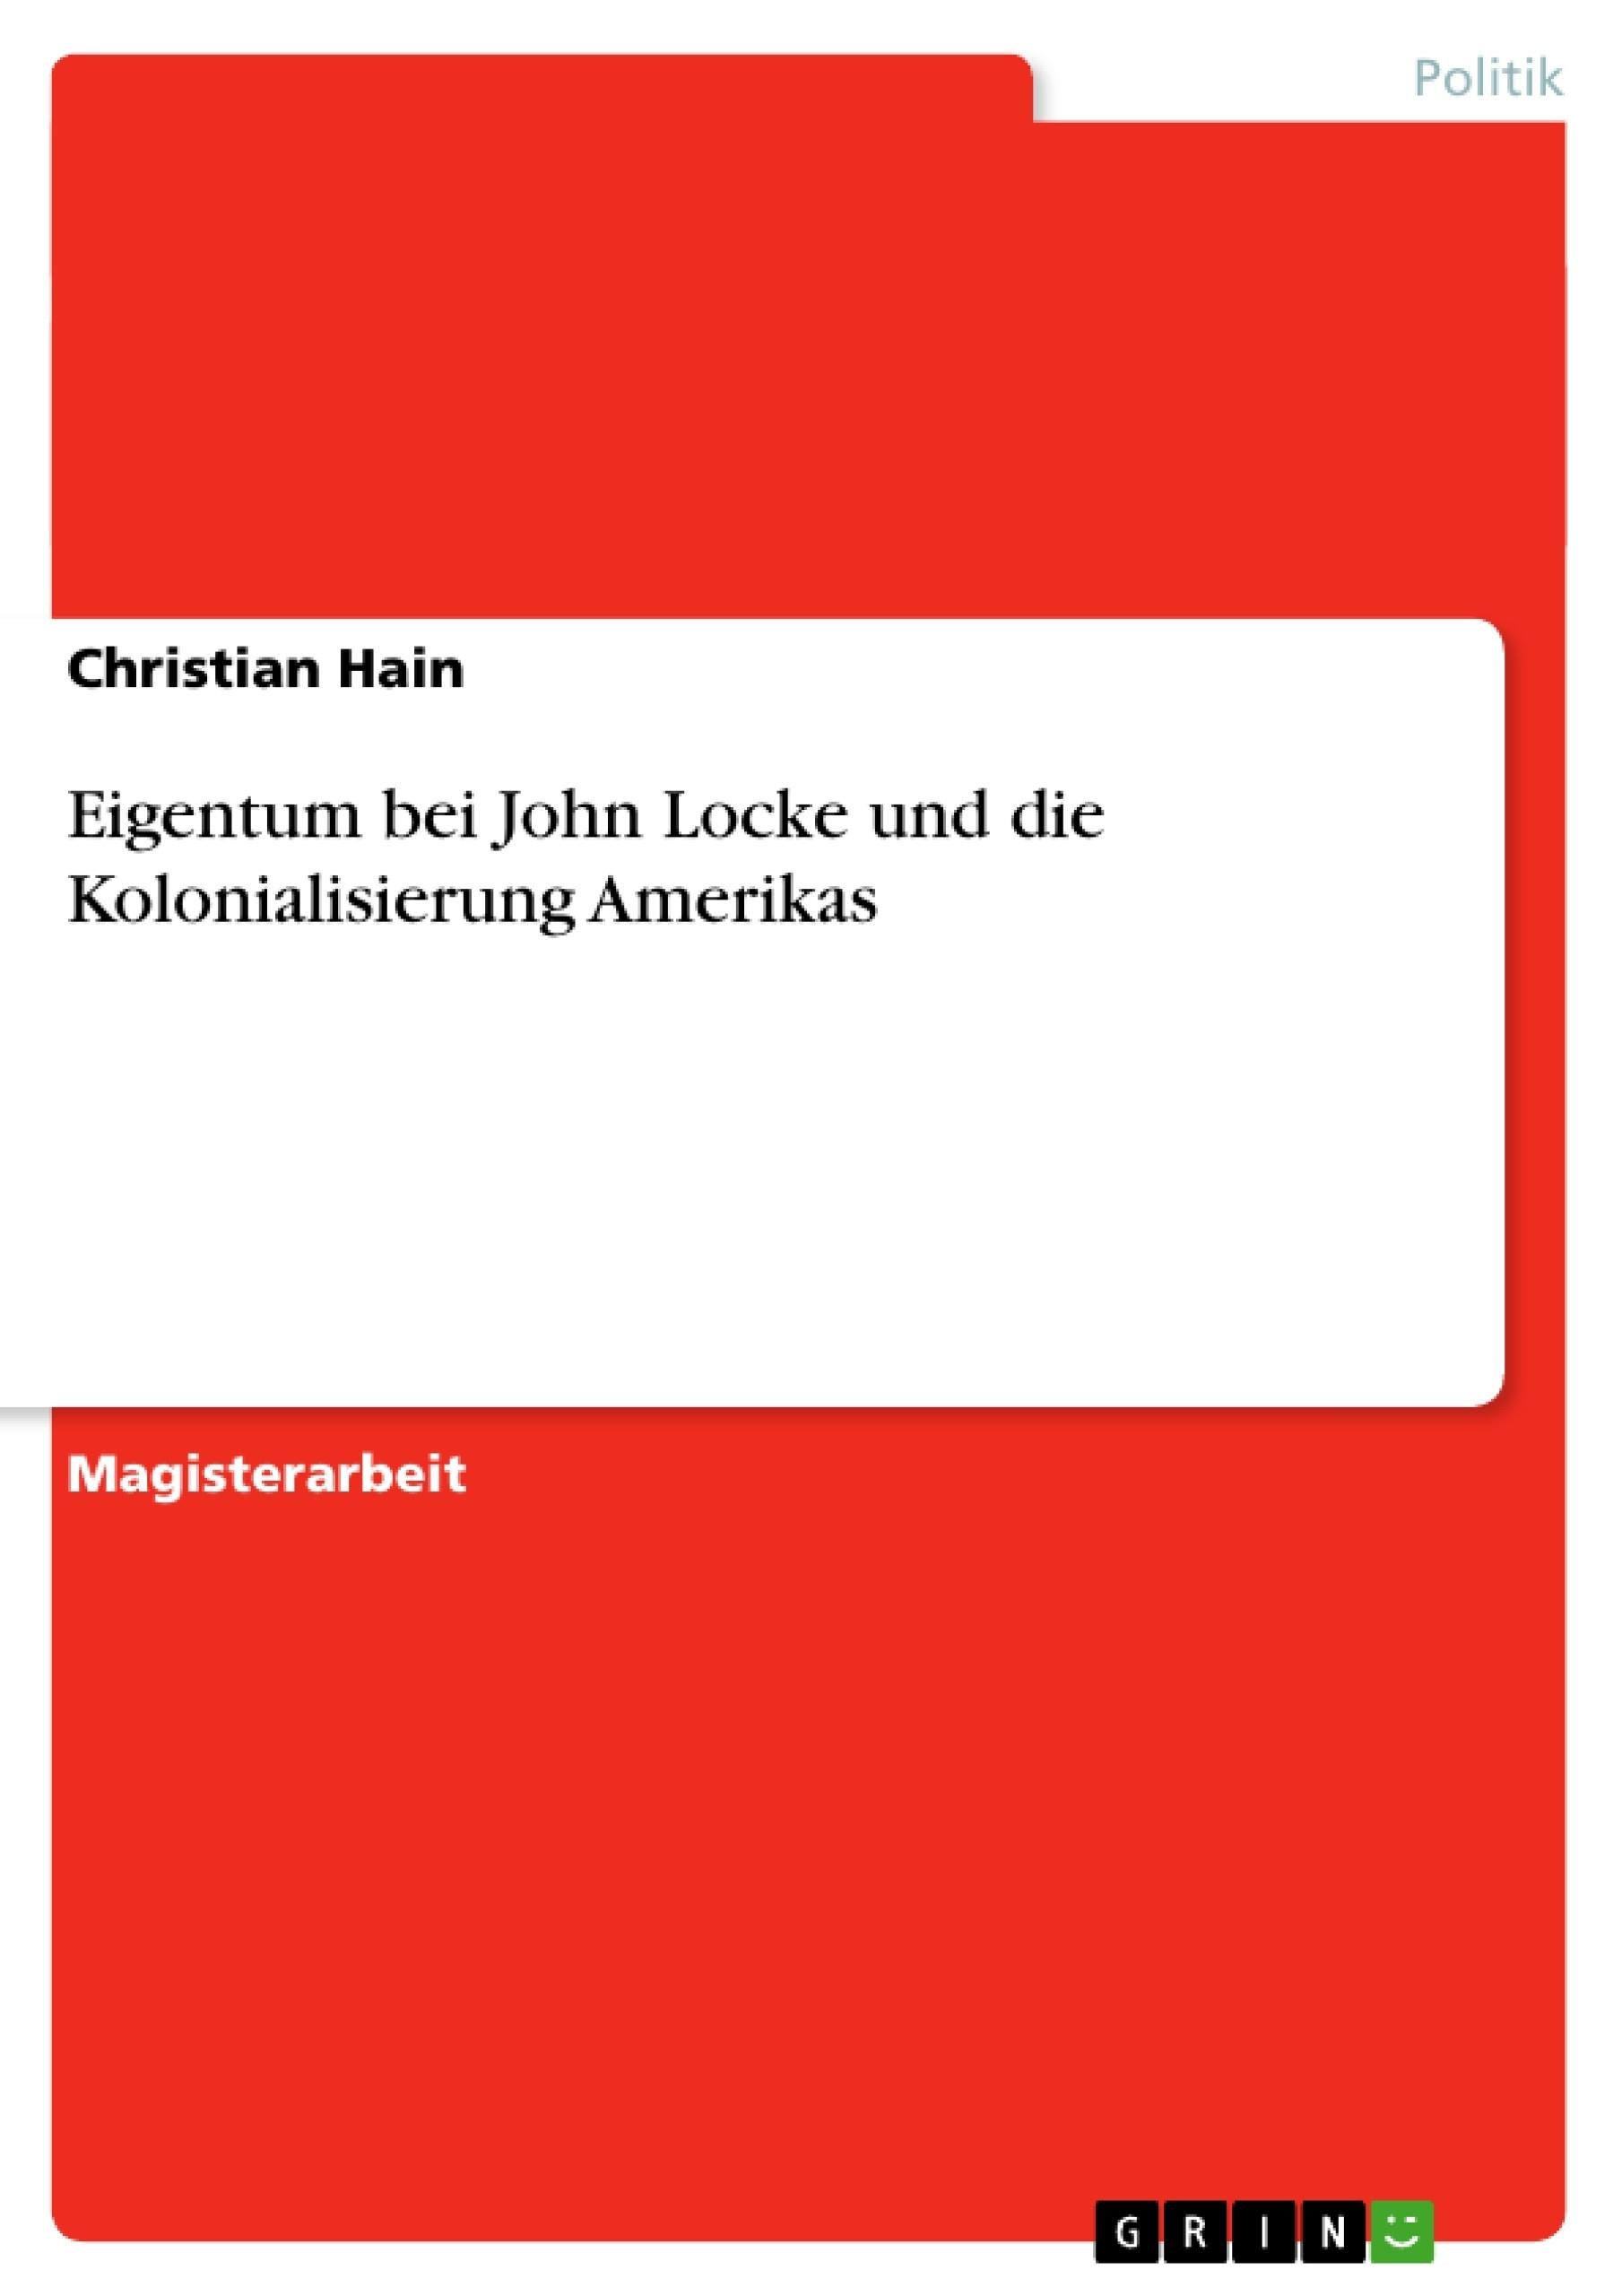 Titel: Eigentum bei John Locke und die Kolonialisierung Amerikas